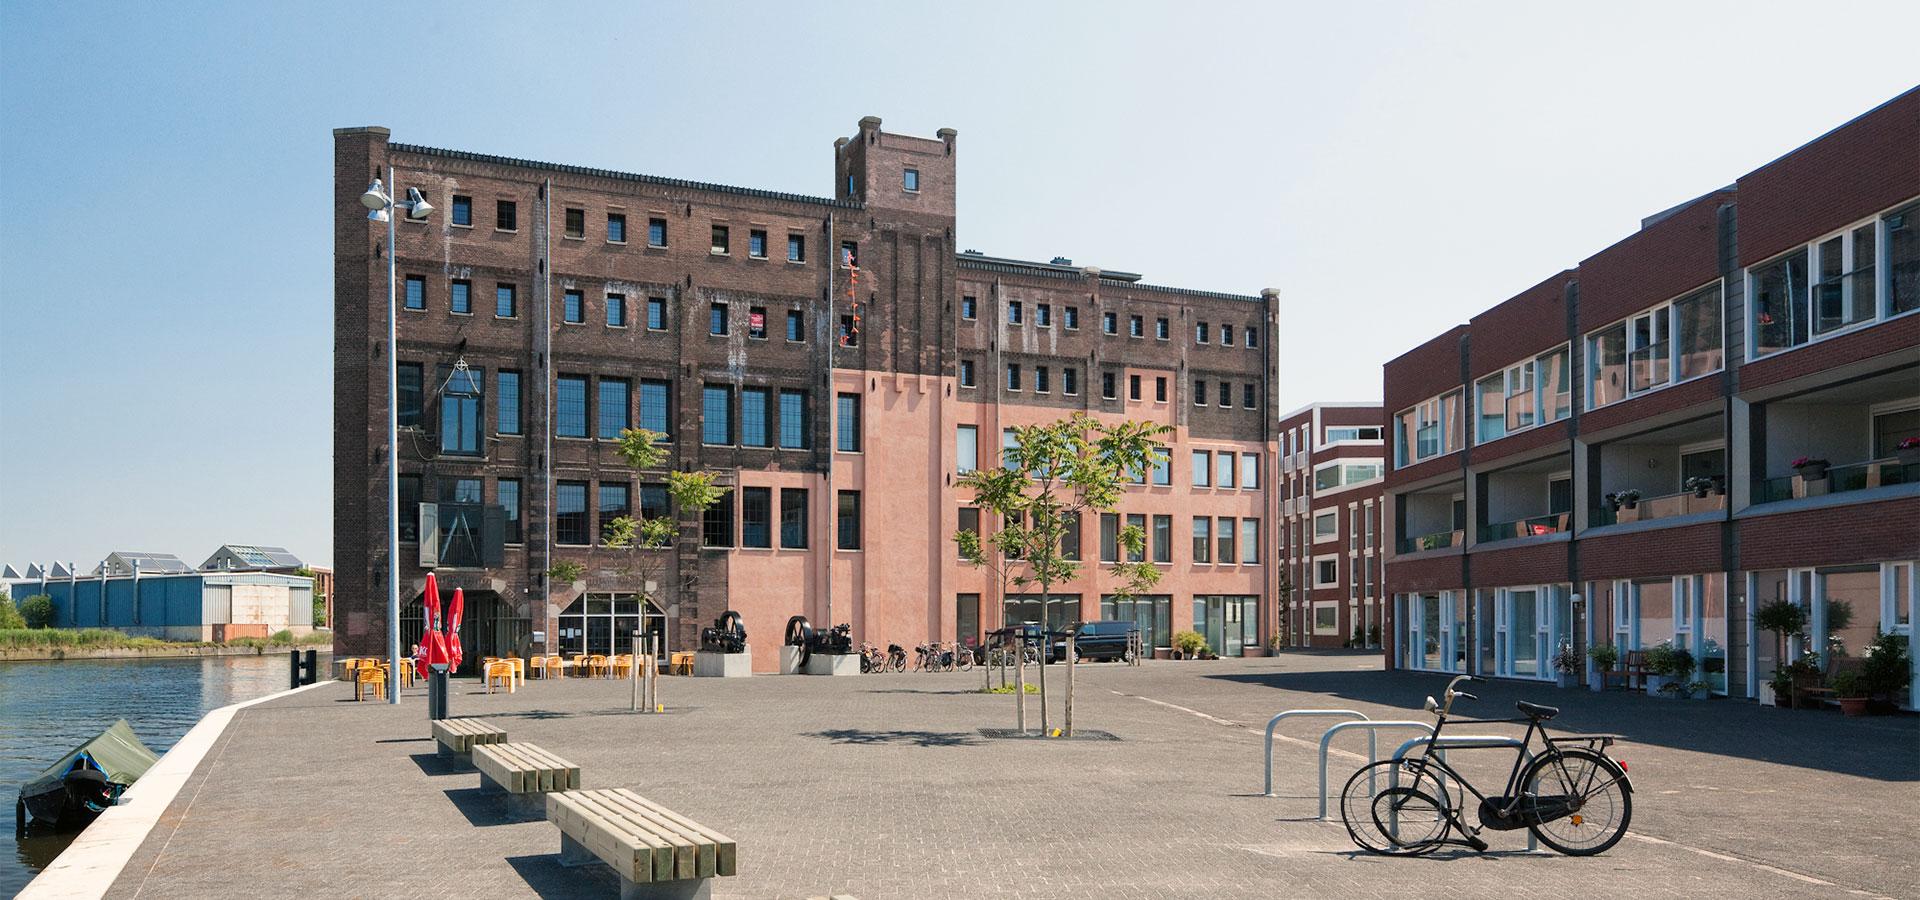 FARO architecten Drosteterrein Haarlem 04